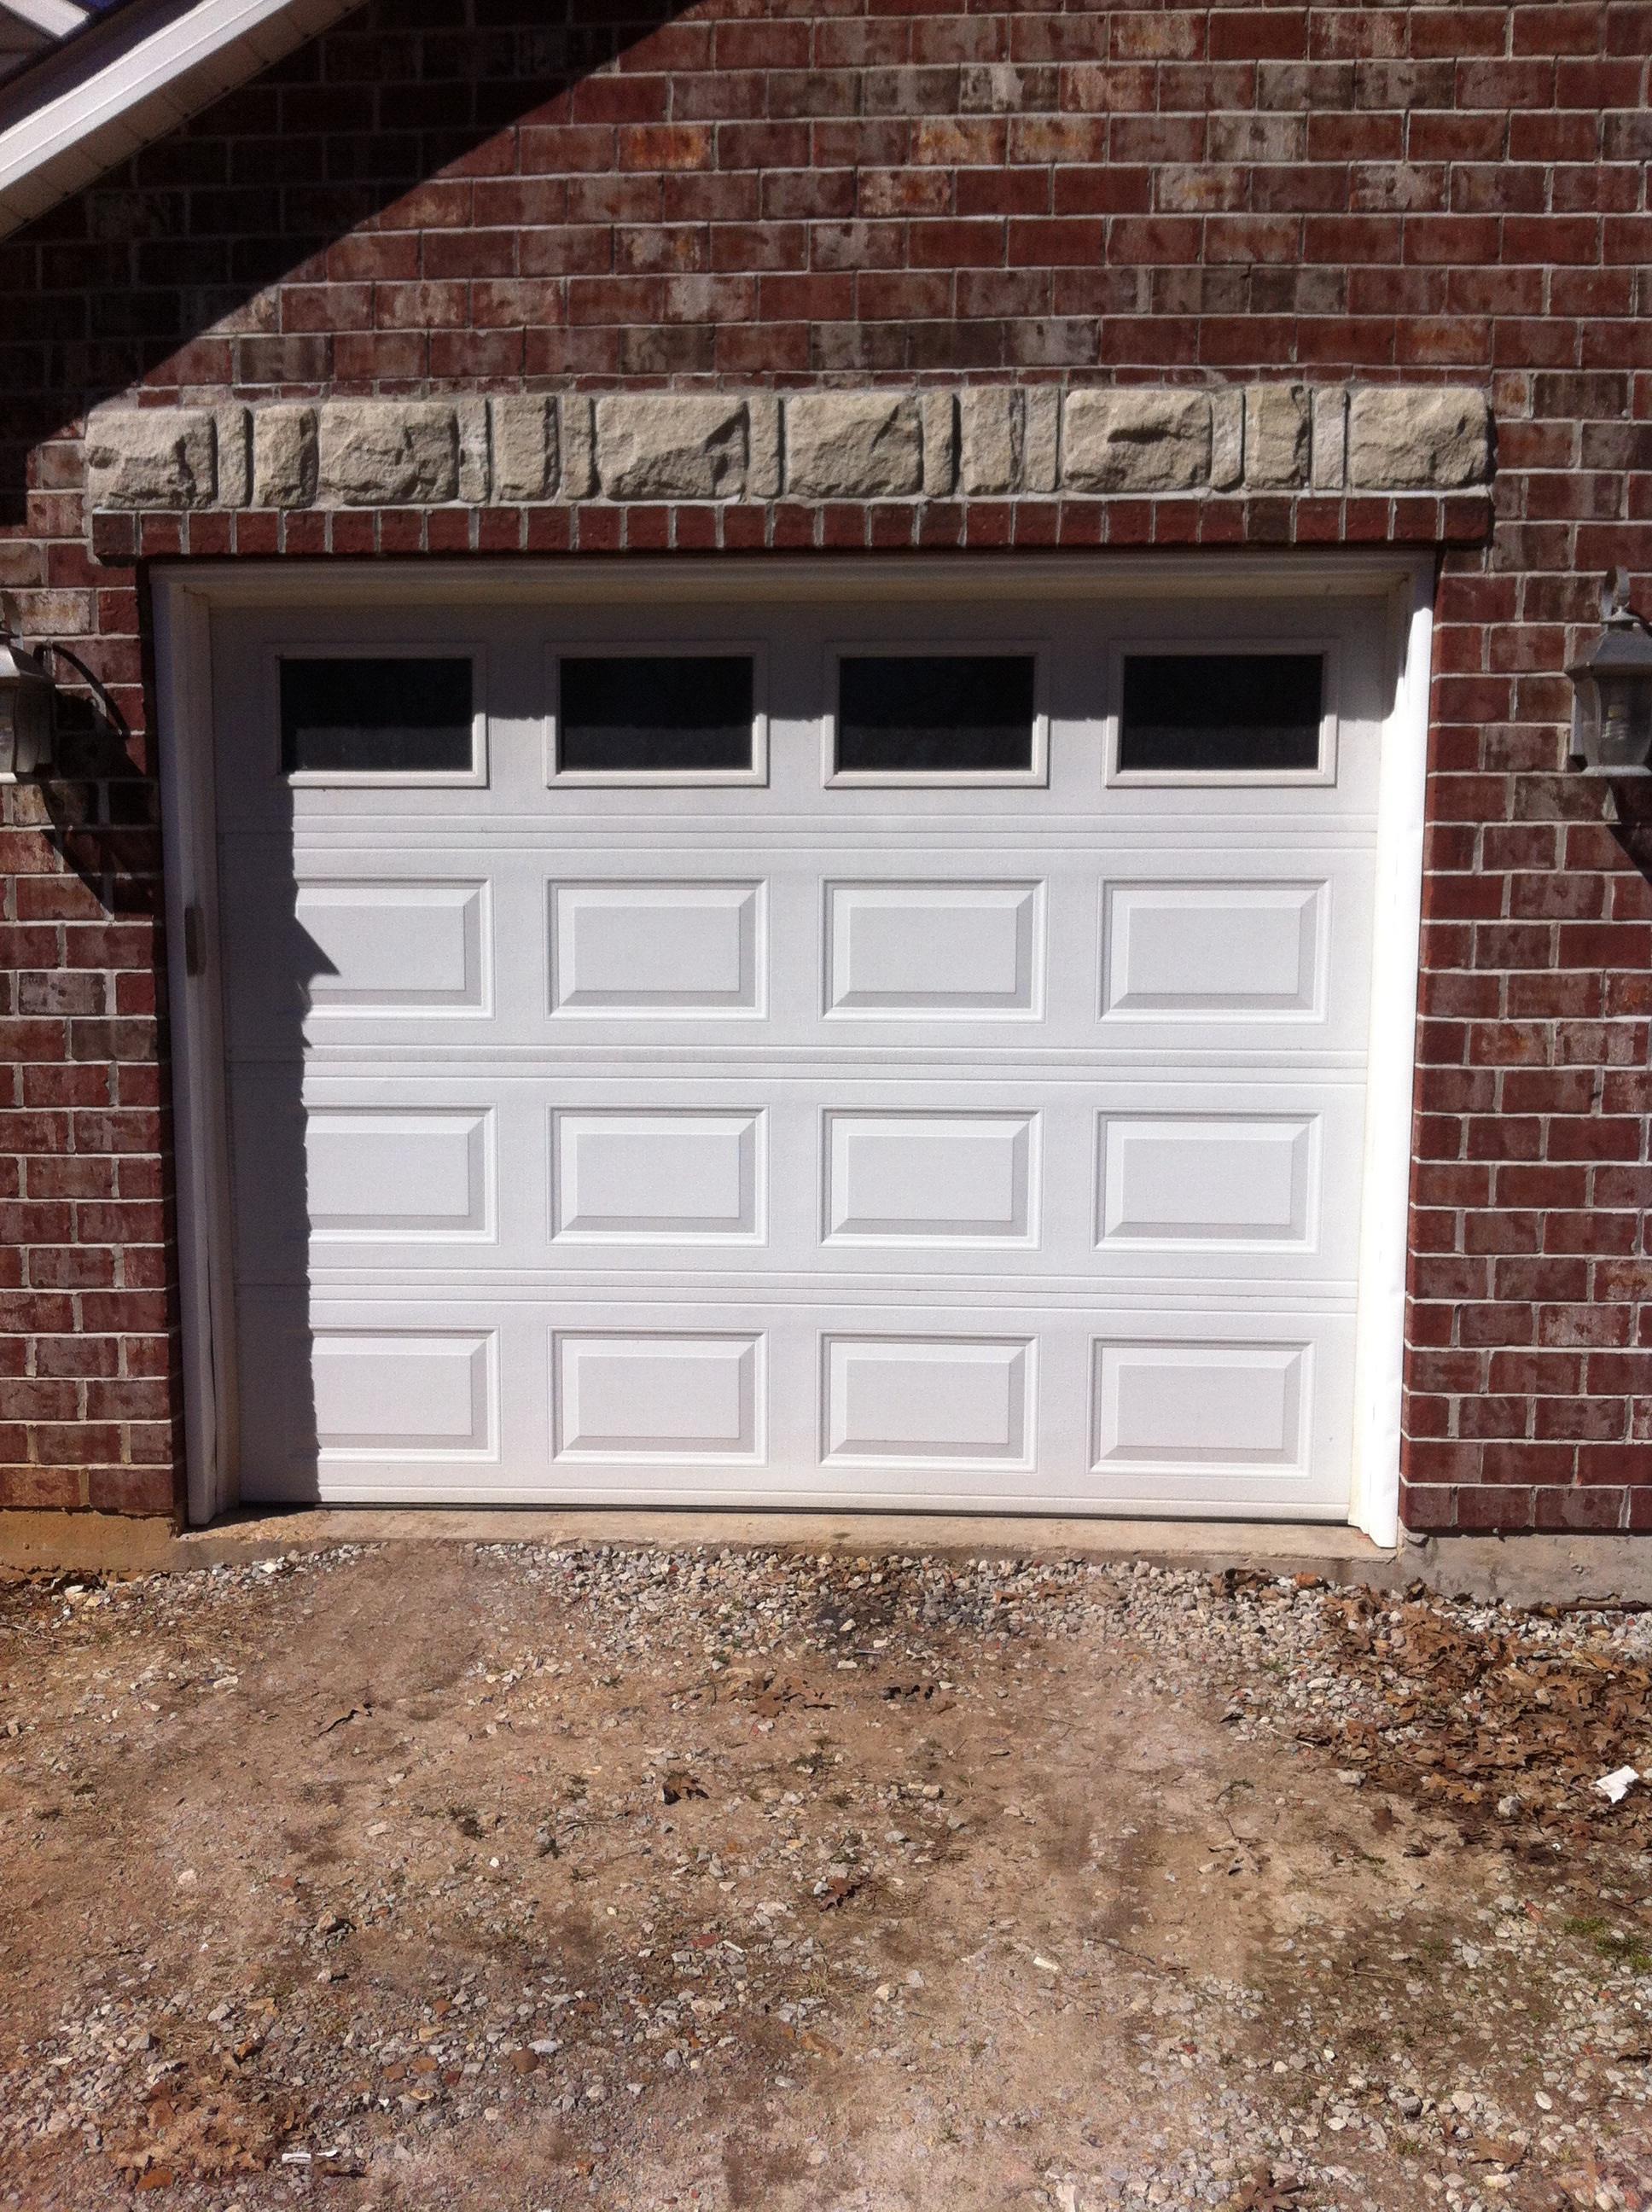 2592 #846147 Fowler Garage Door Service In Garage Materials & Supplies picture/photo Garage Doors Suppliers 36991936